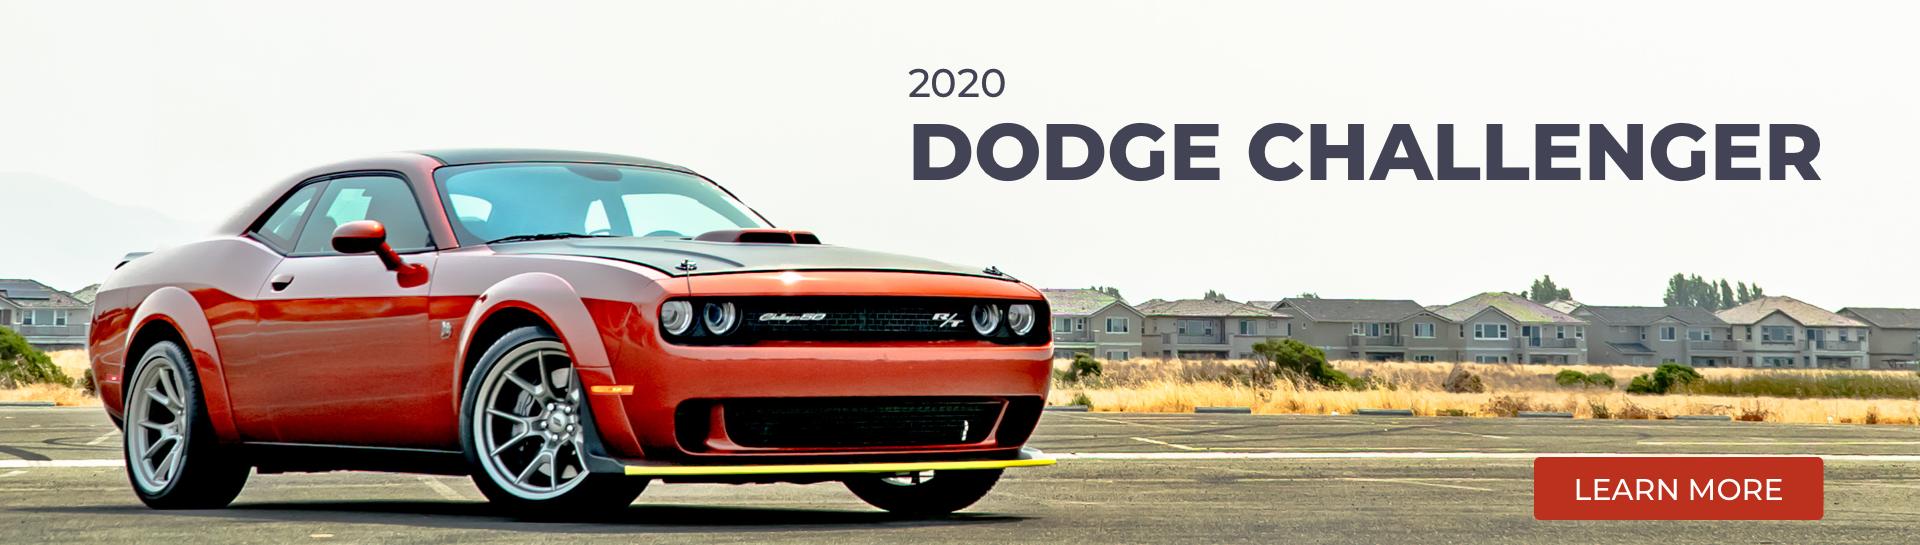 2020 Dodge Challenger Desktop V2